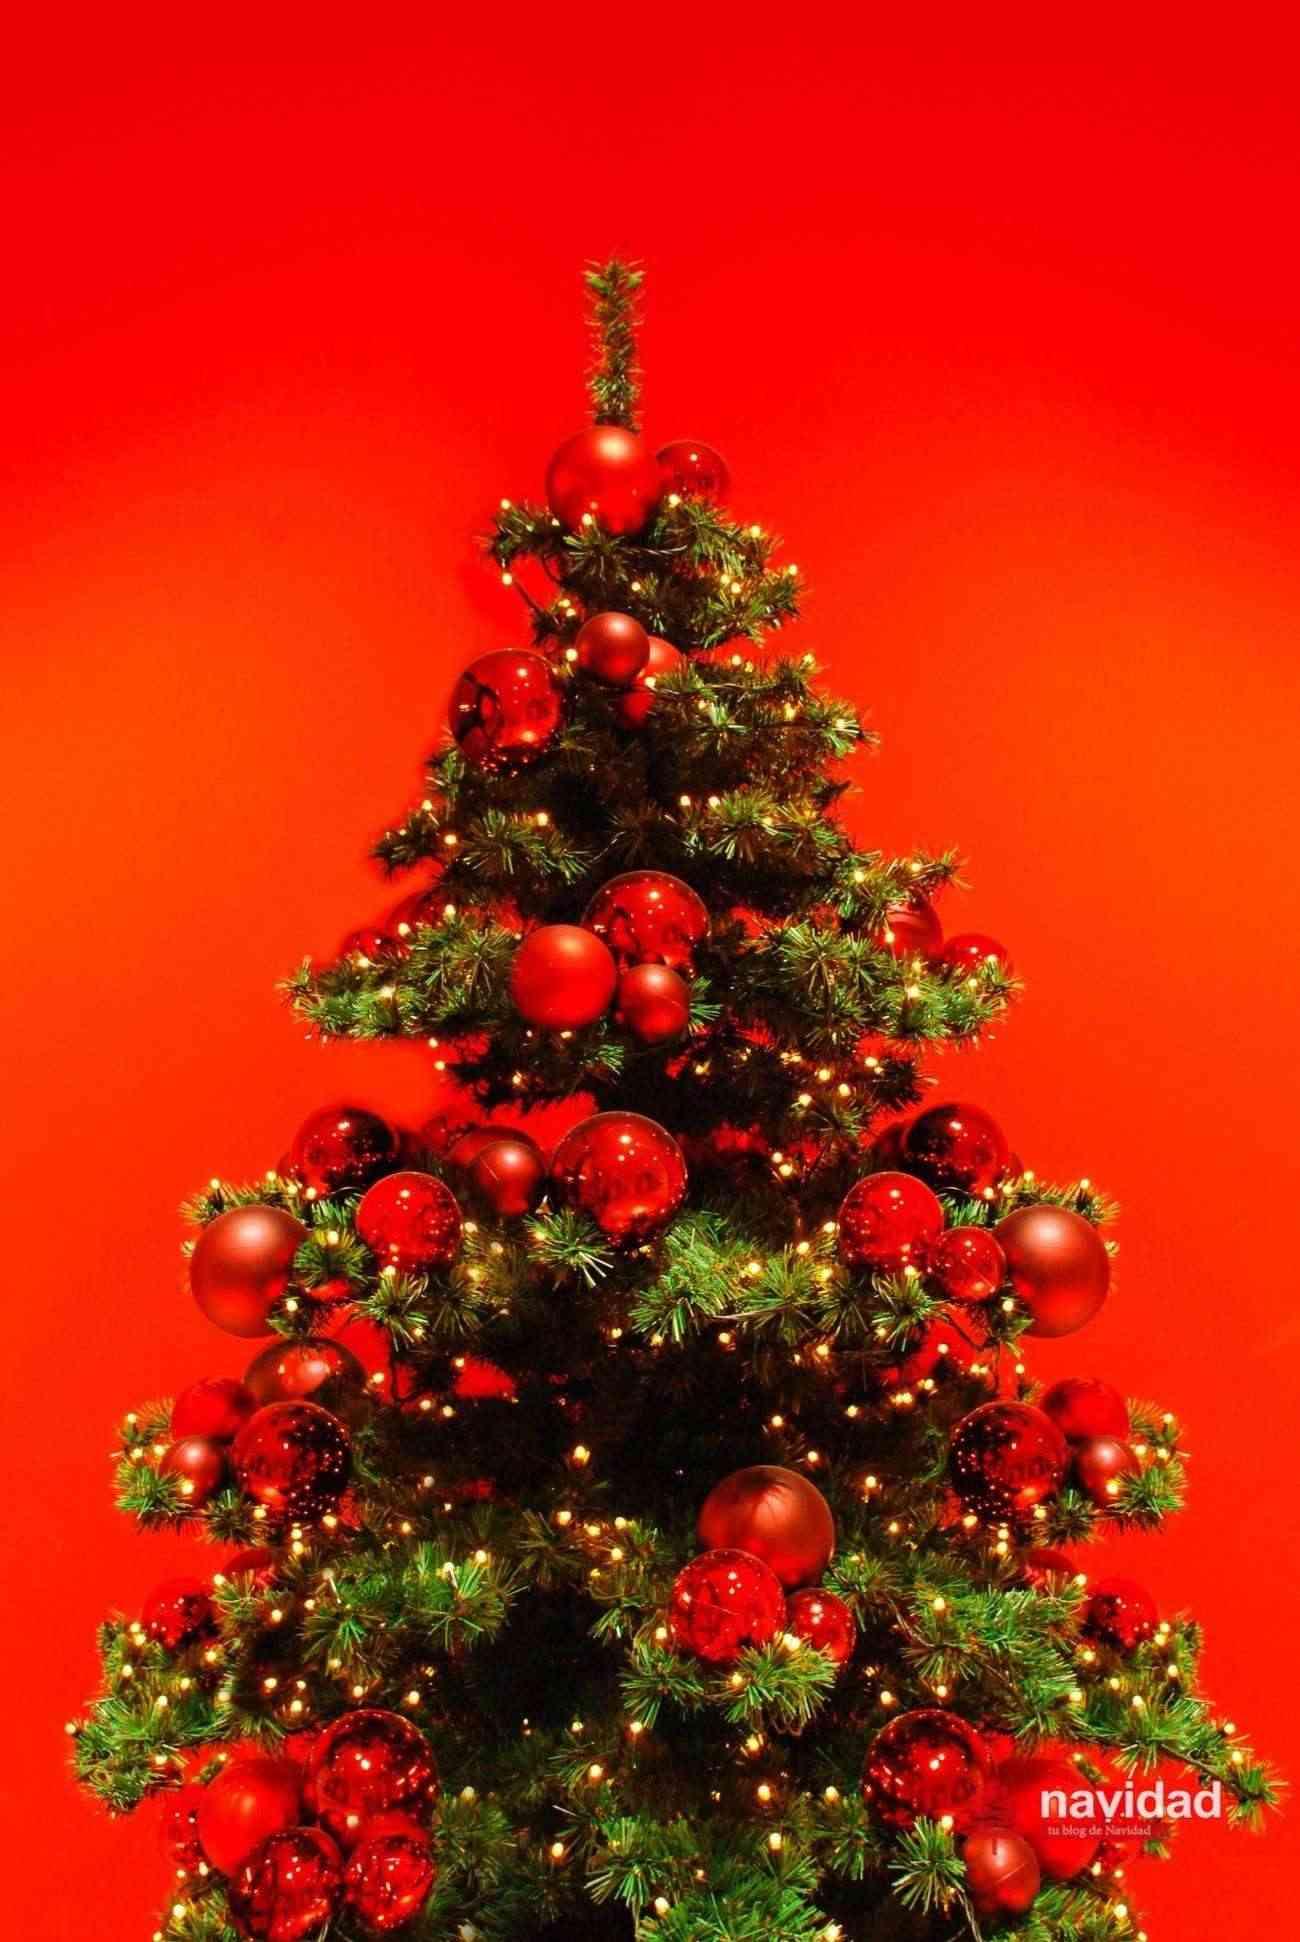 NAVIDAD - arbol de navidad rojo - dp